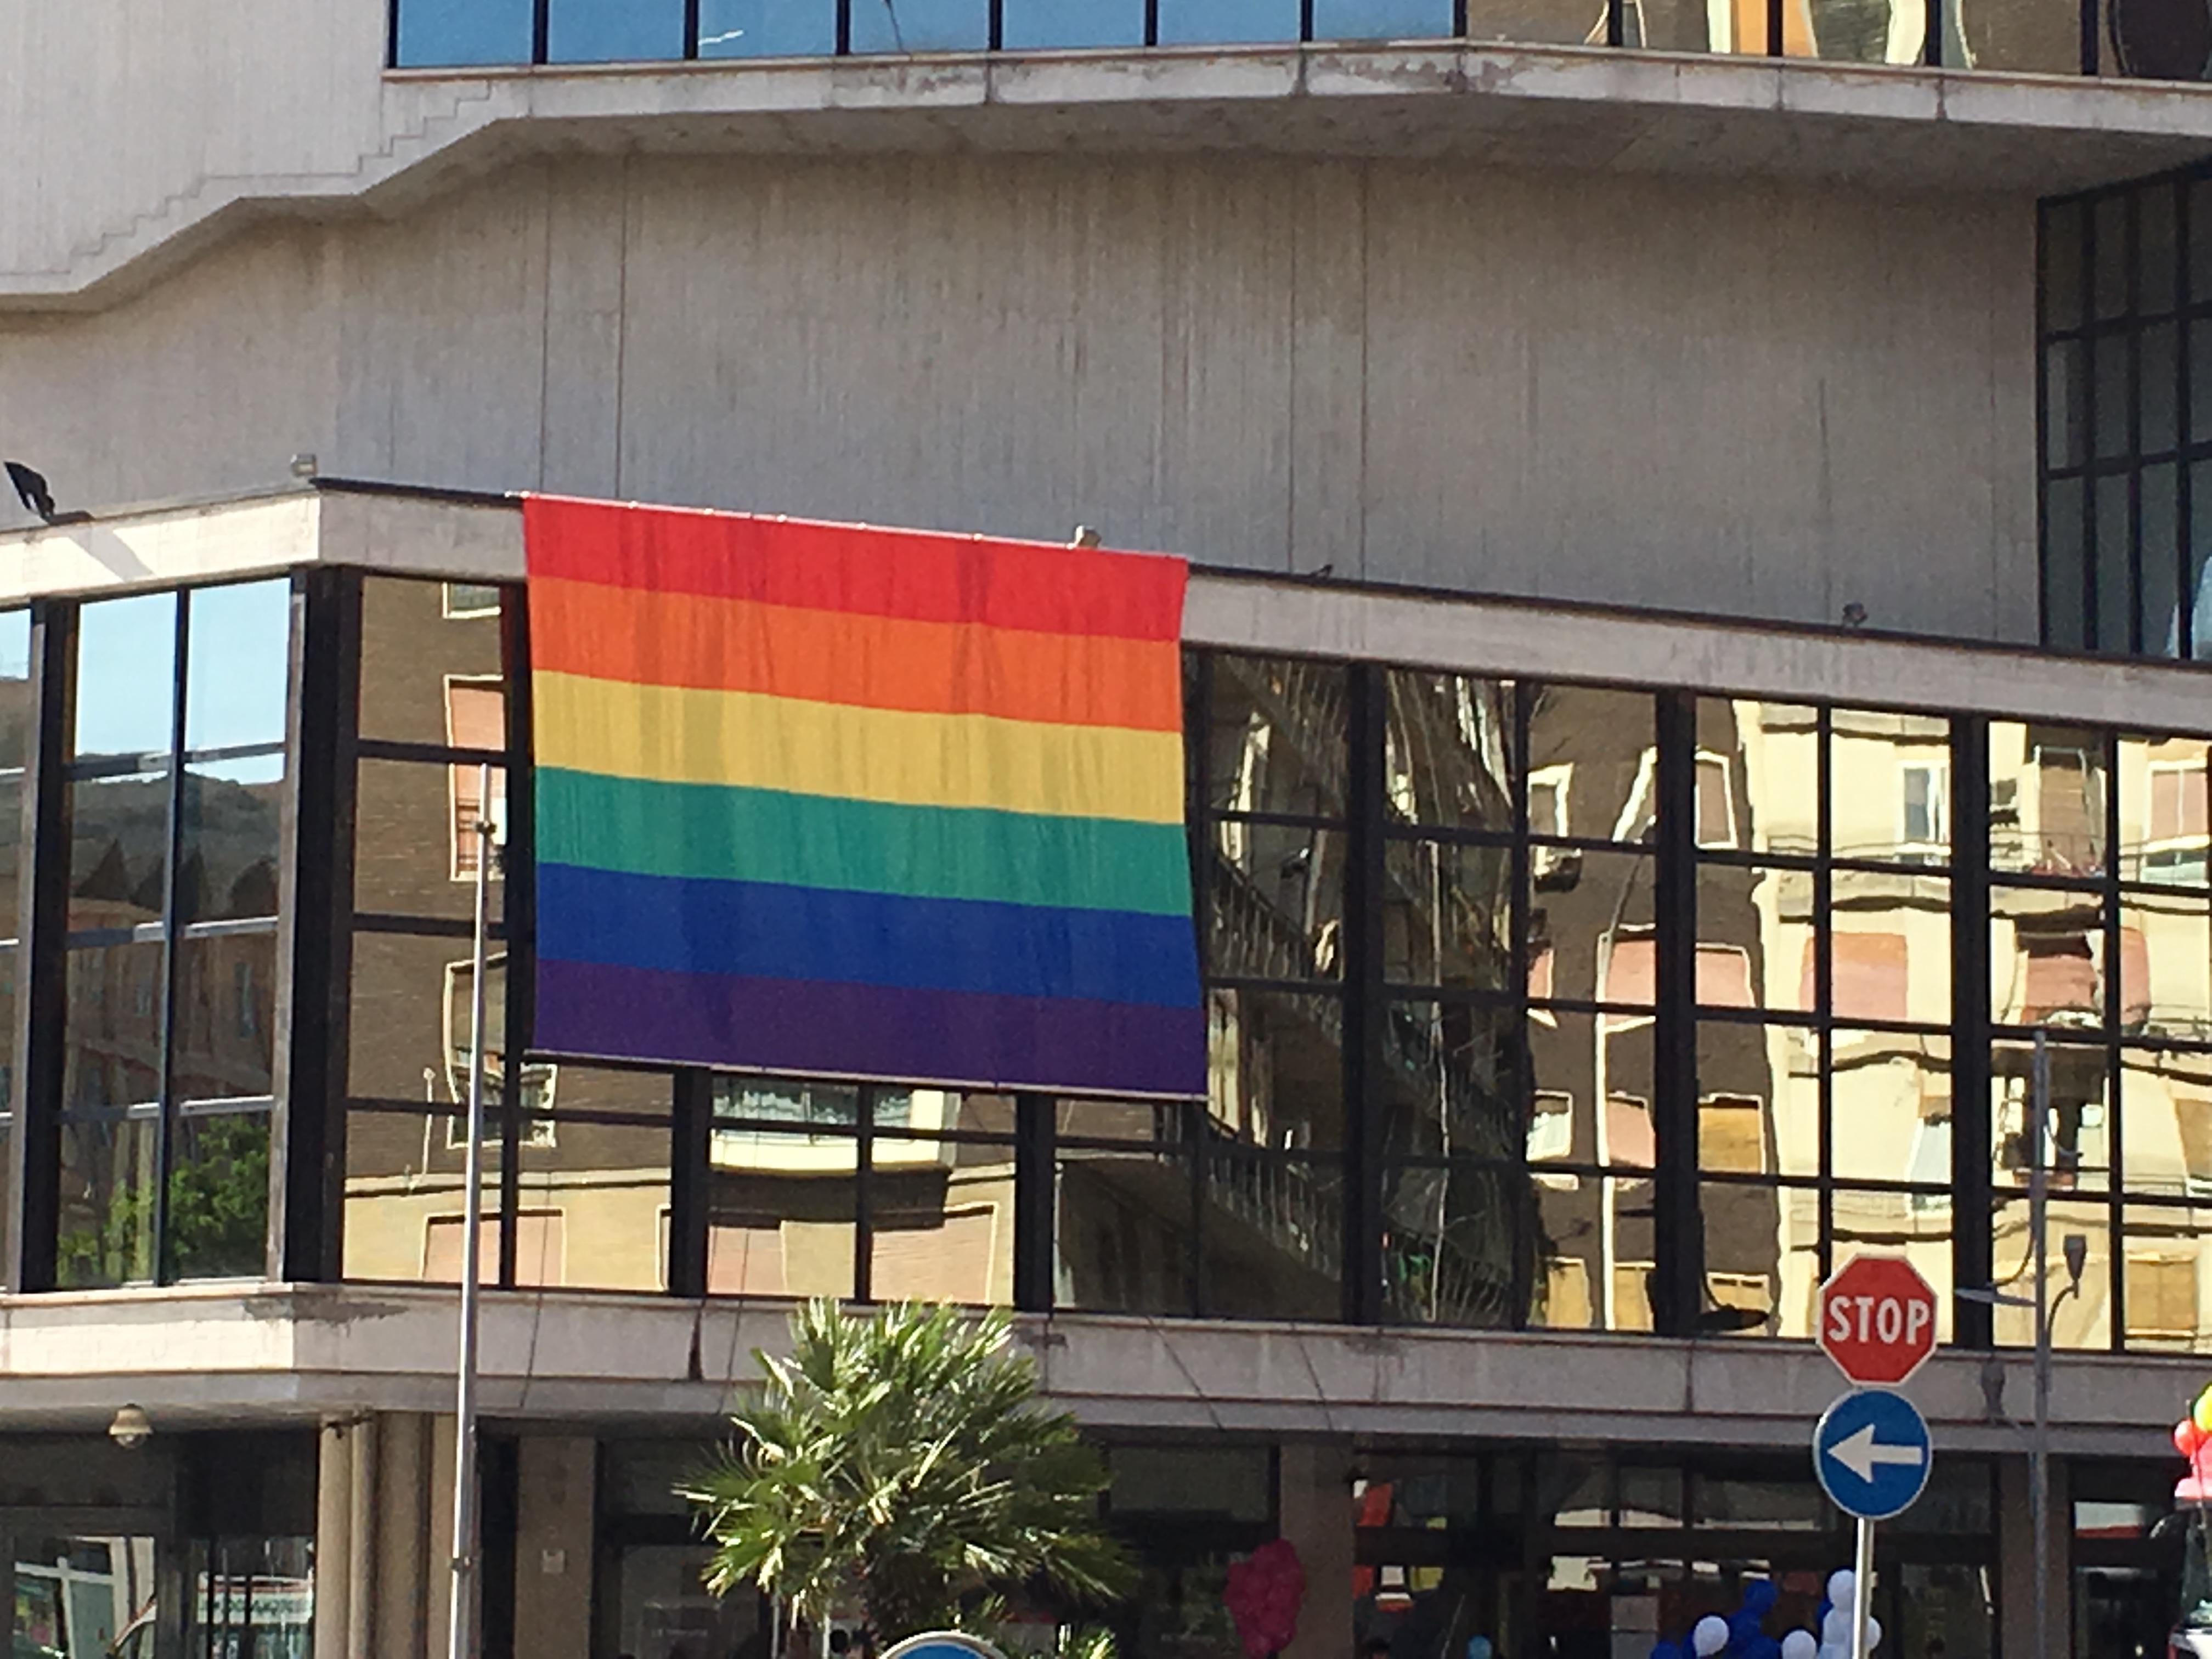 Sardegna Pride 2016, la facciata del Teatro Lirico di Cagliari con i colori arcobaleno.